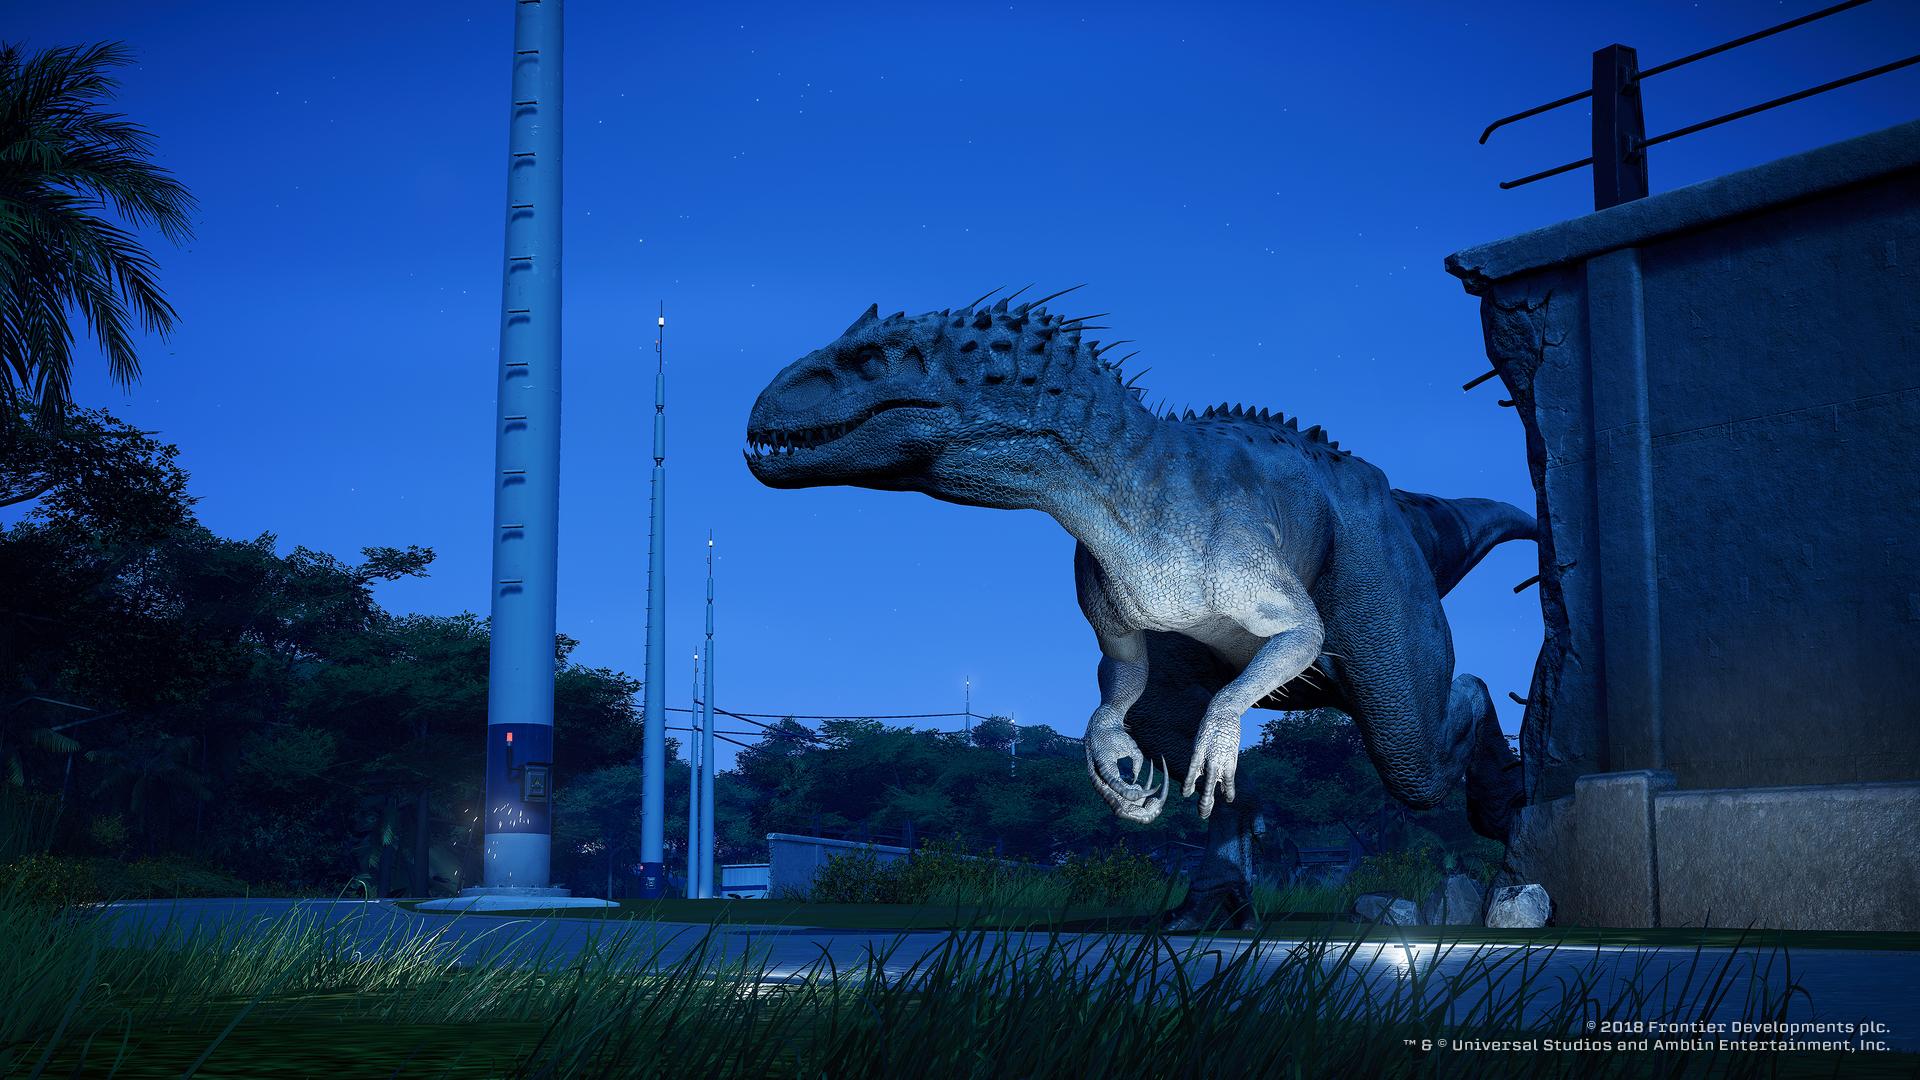 Attenzione: Jurassic World Evolution per Ps4 può causare dipendenza.